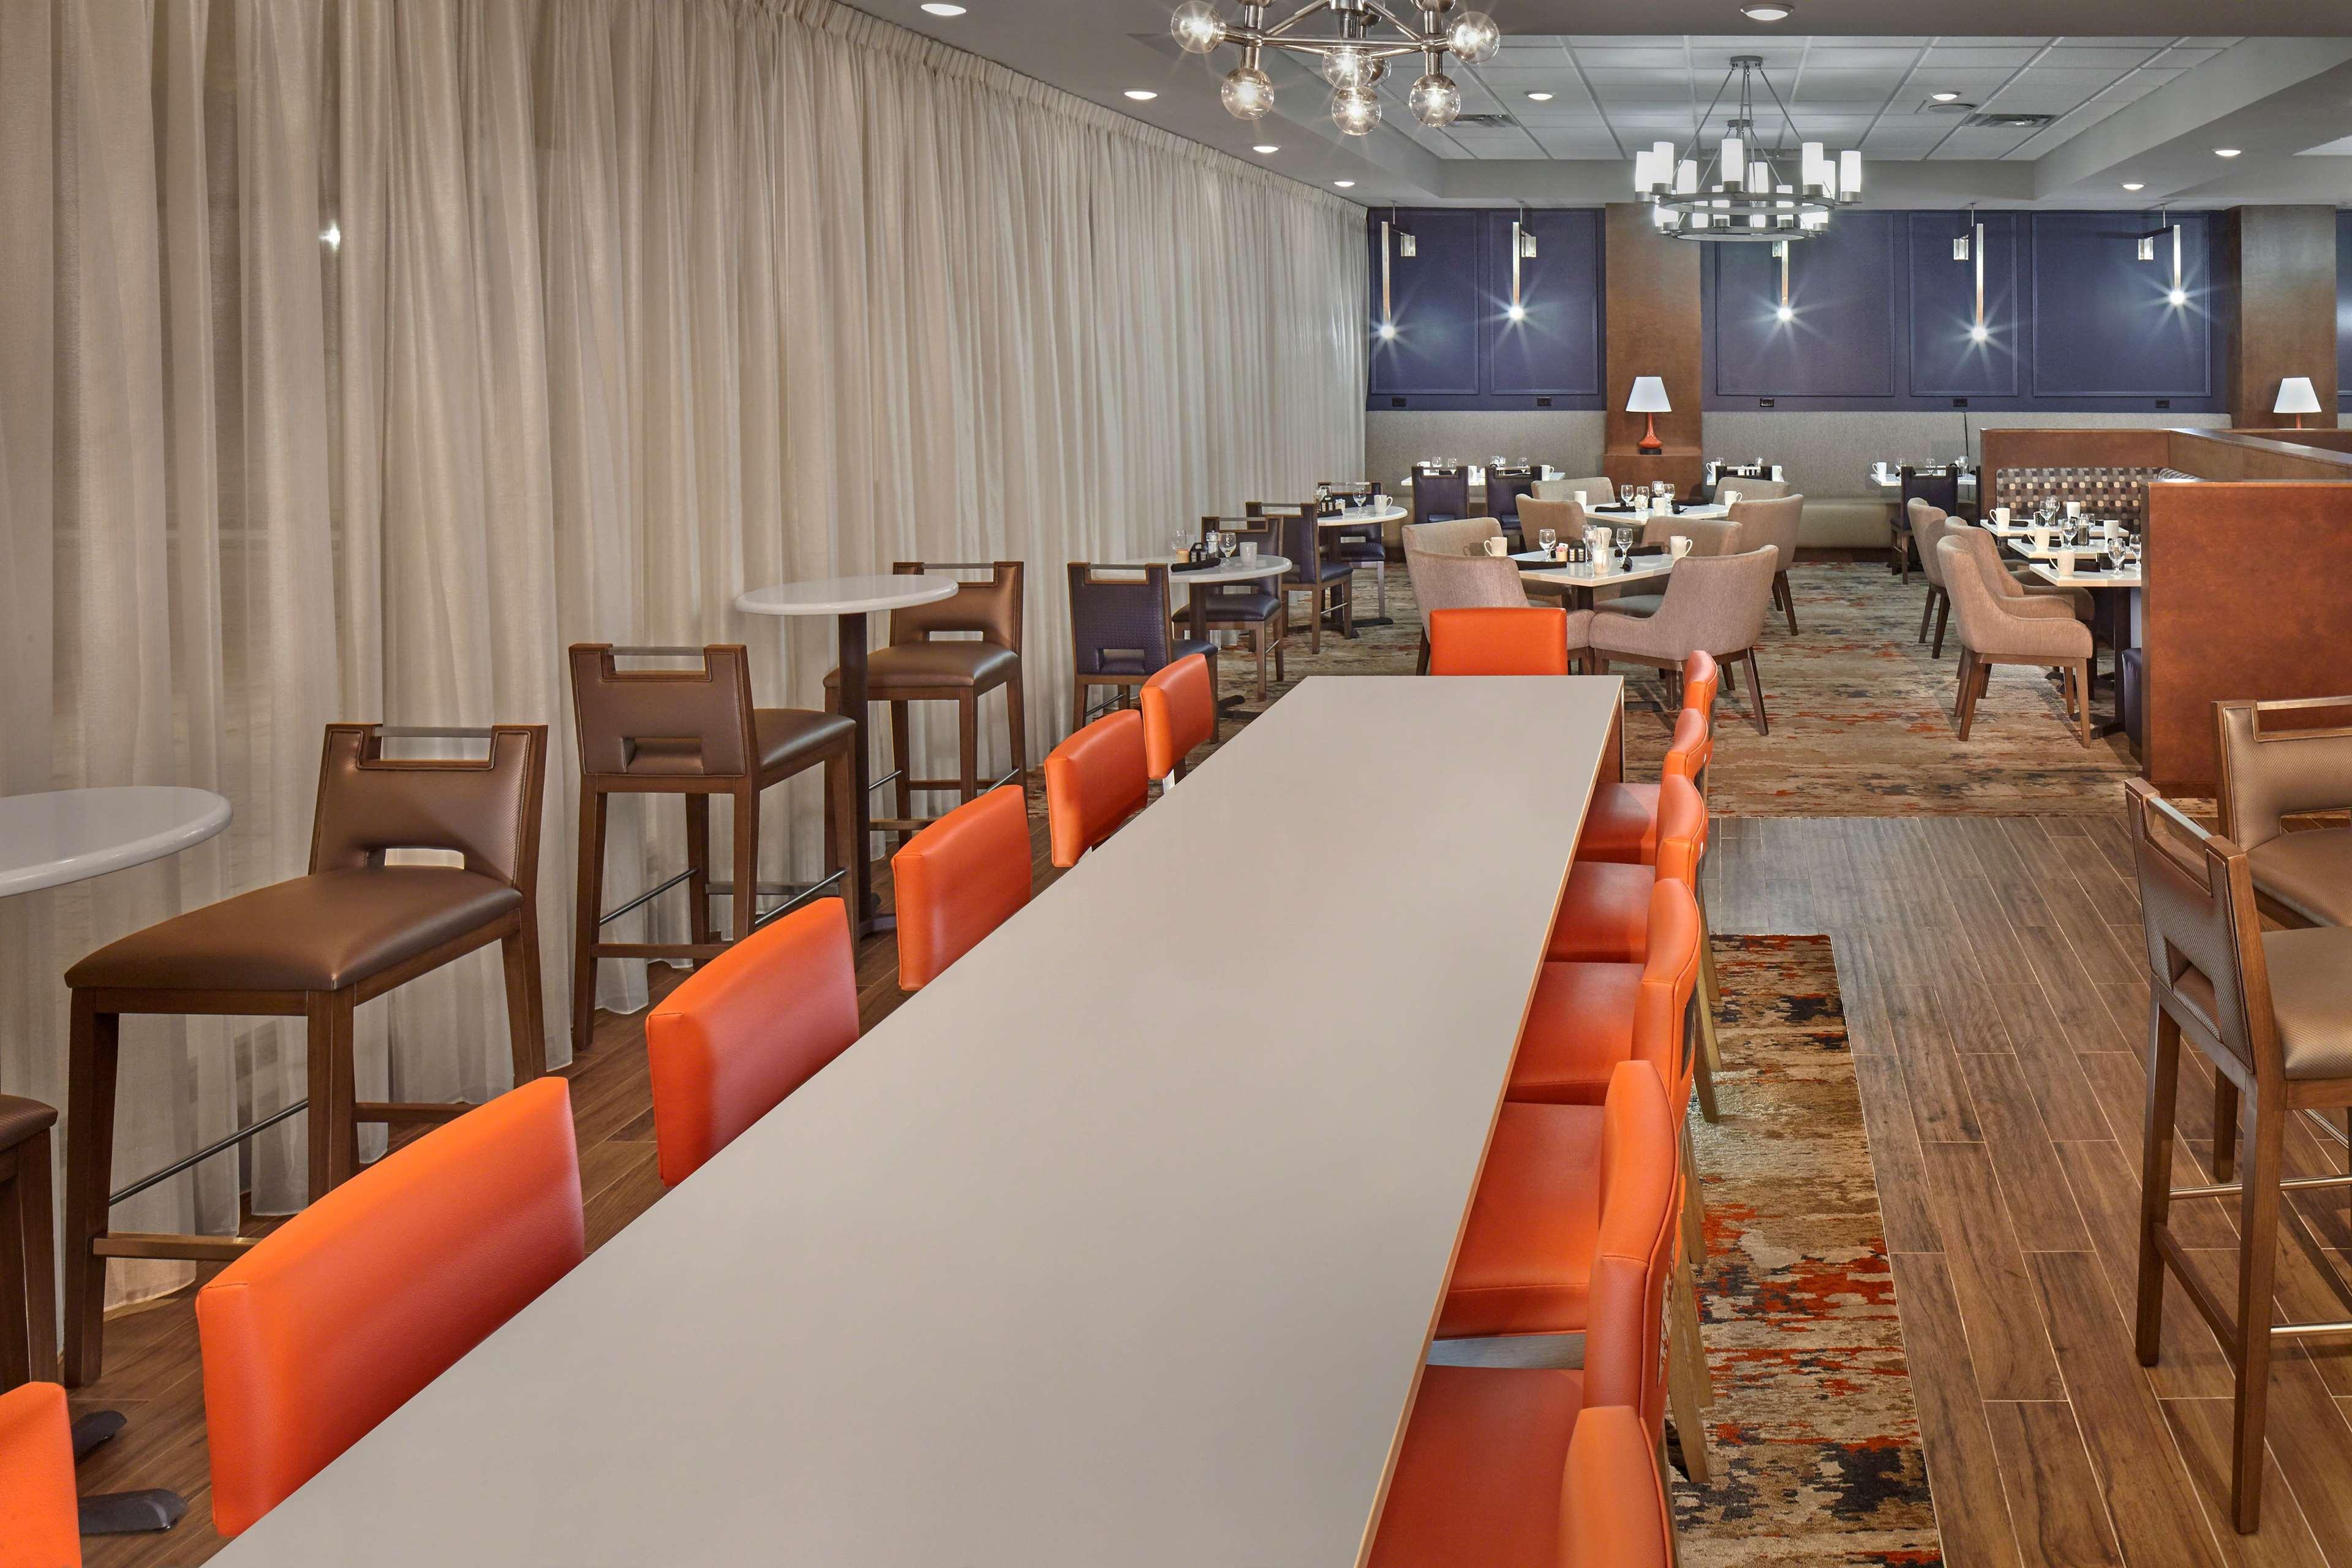 DoubleTree by Hilton Hotel Little Rock image 12